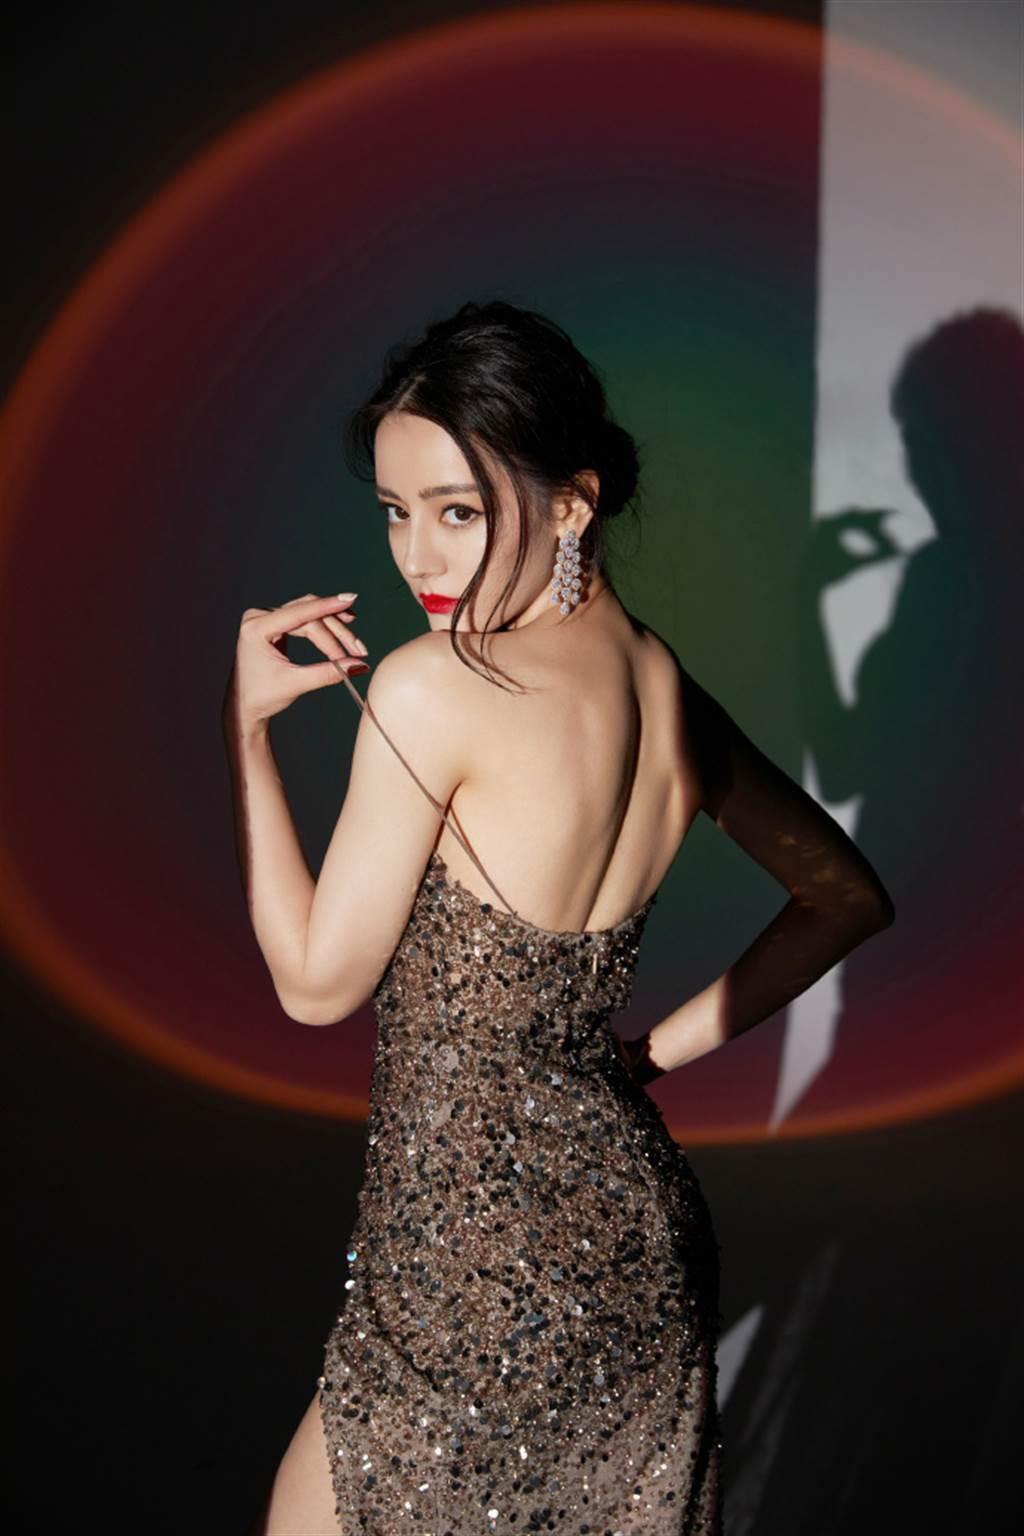 迪麗熱巴日前性感拉肩帶、曬美背,辣度爆表。(圖/取材自嘉行迪麗熱巴工作室微博)